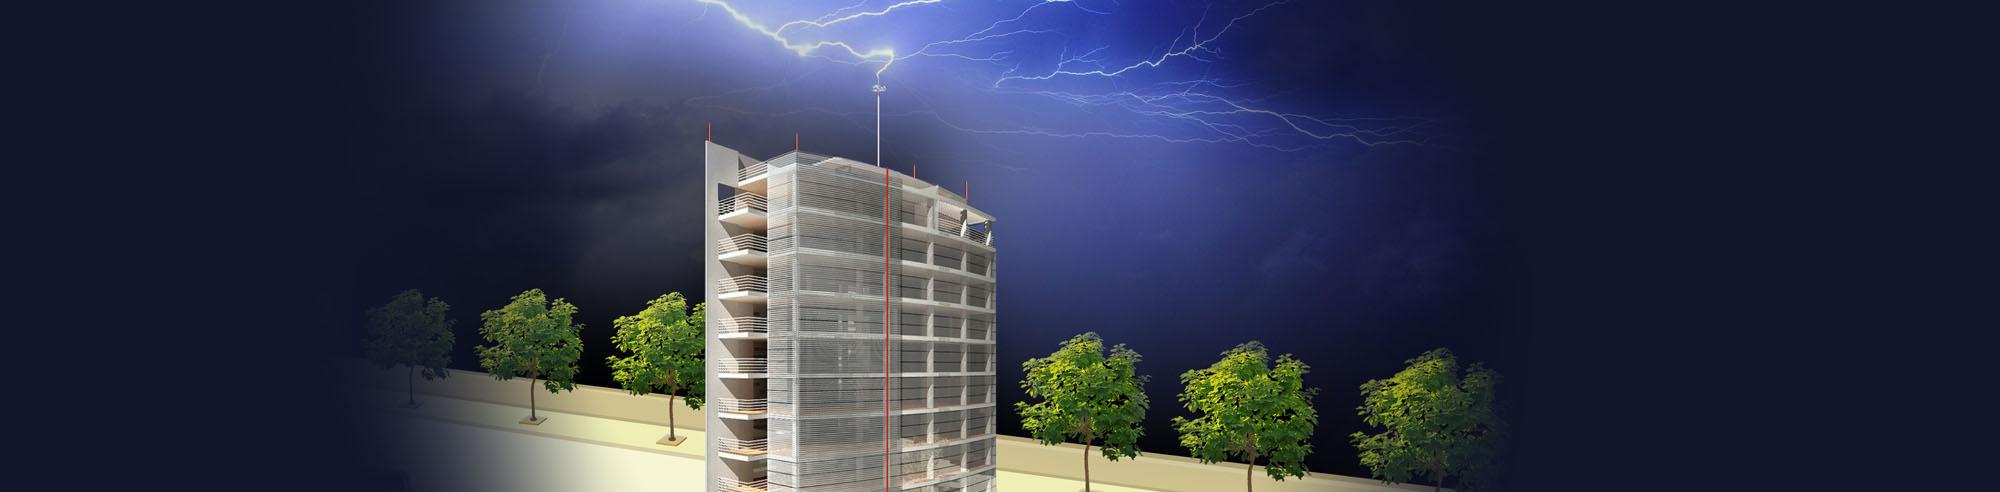 2-pararrayos-lightning-protection